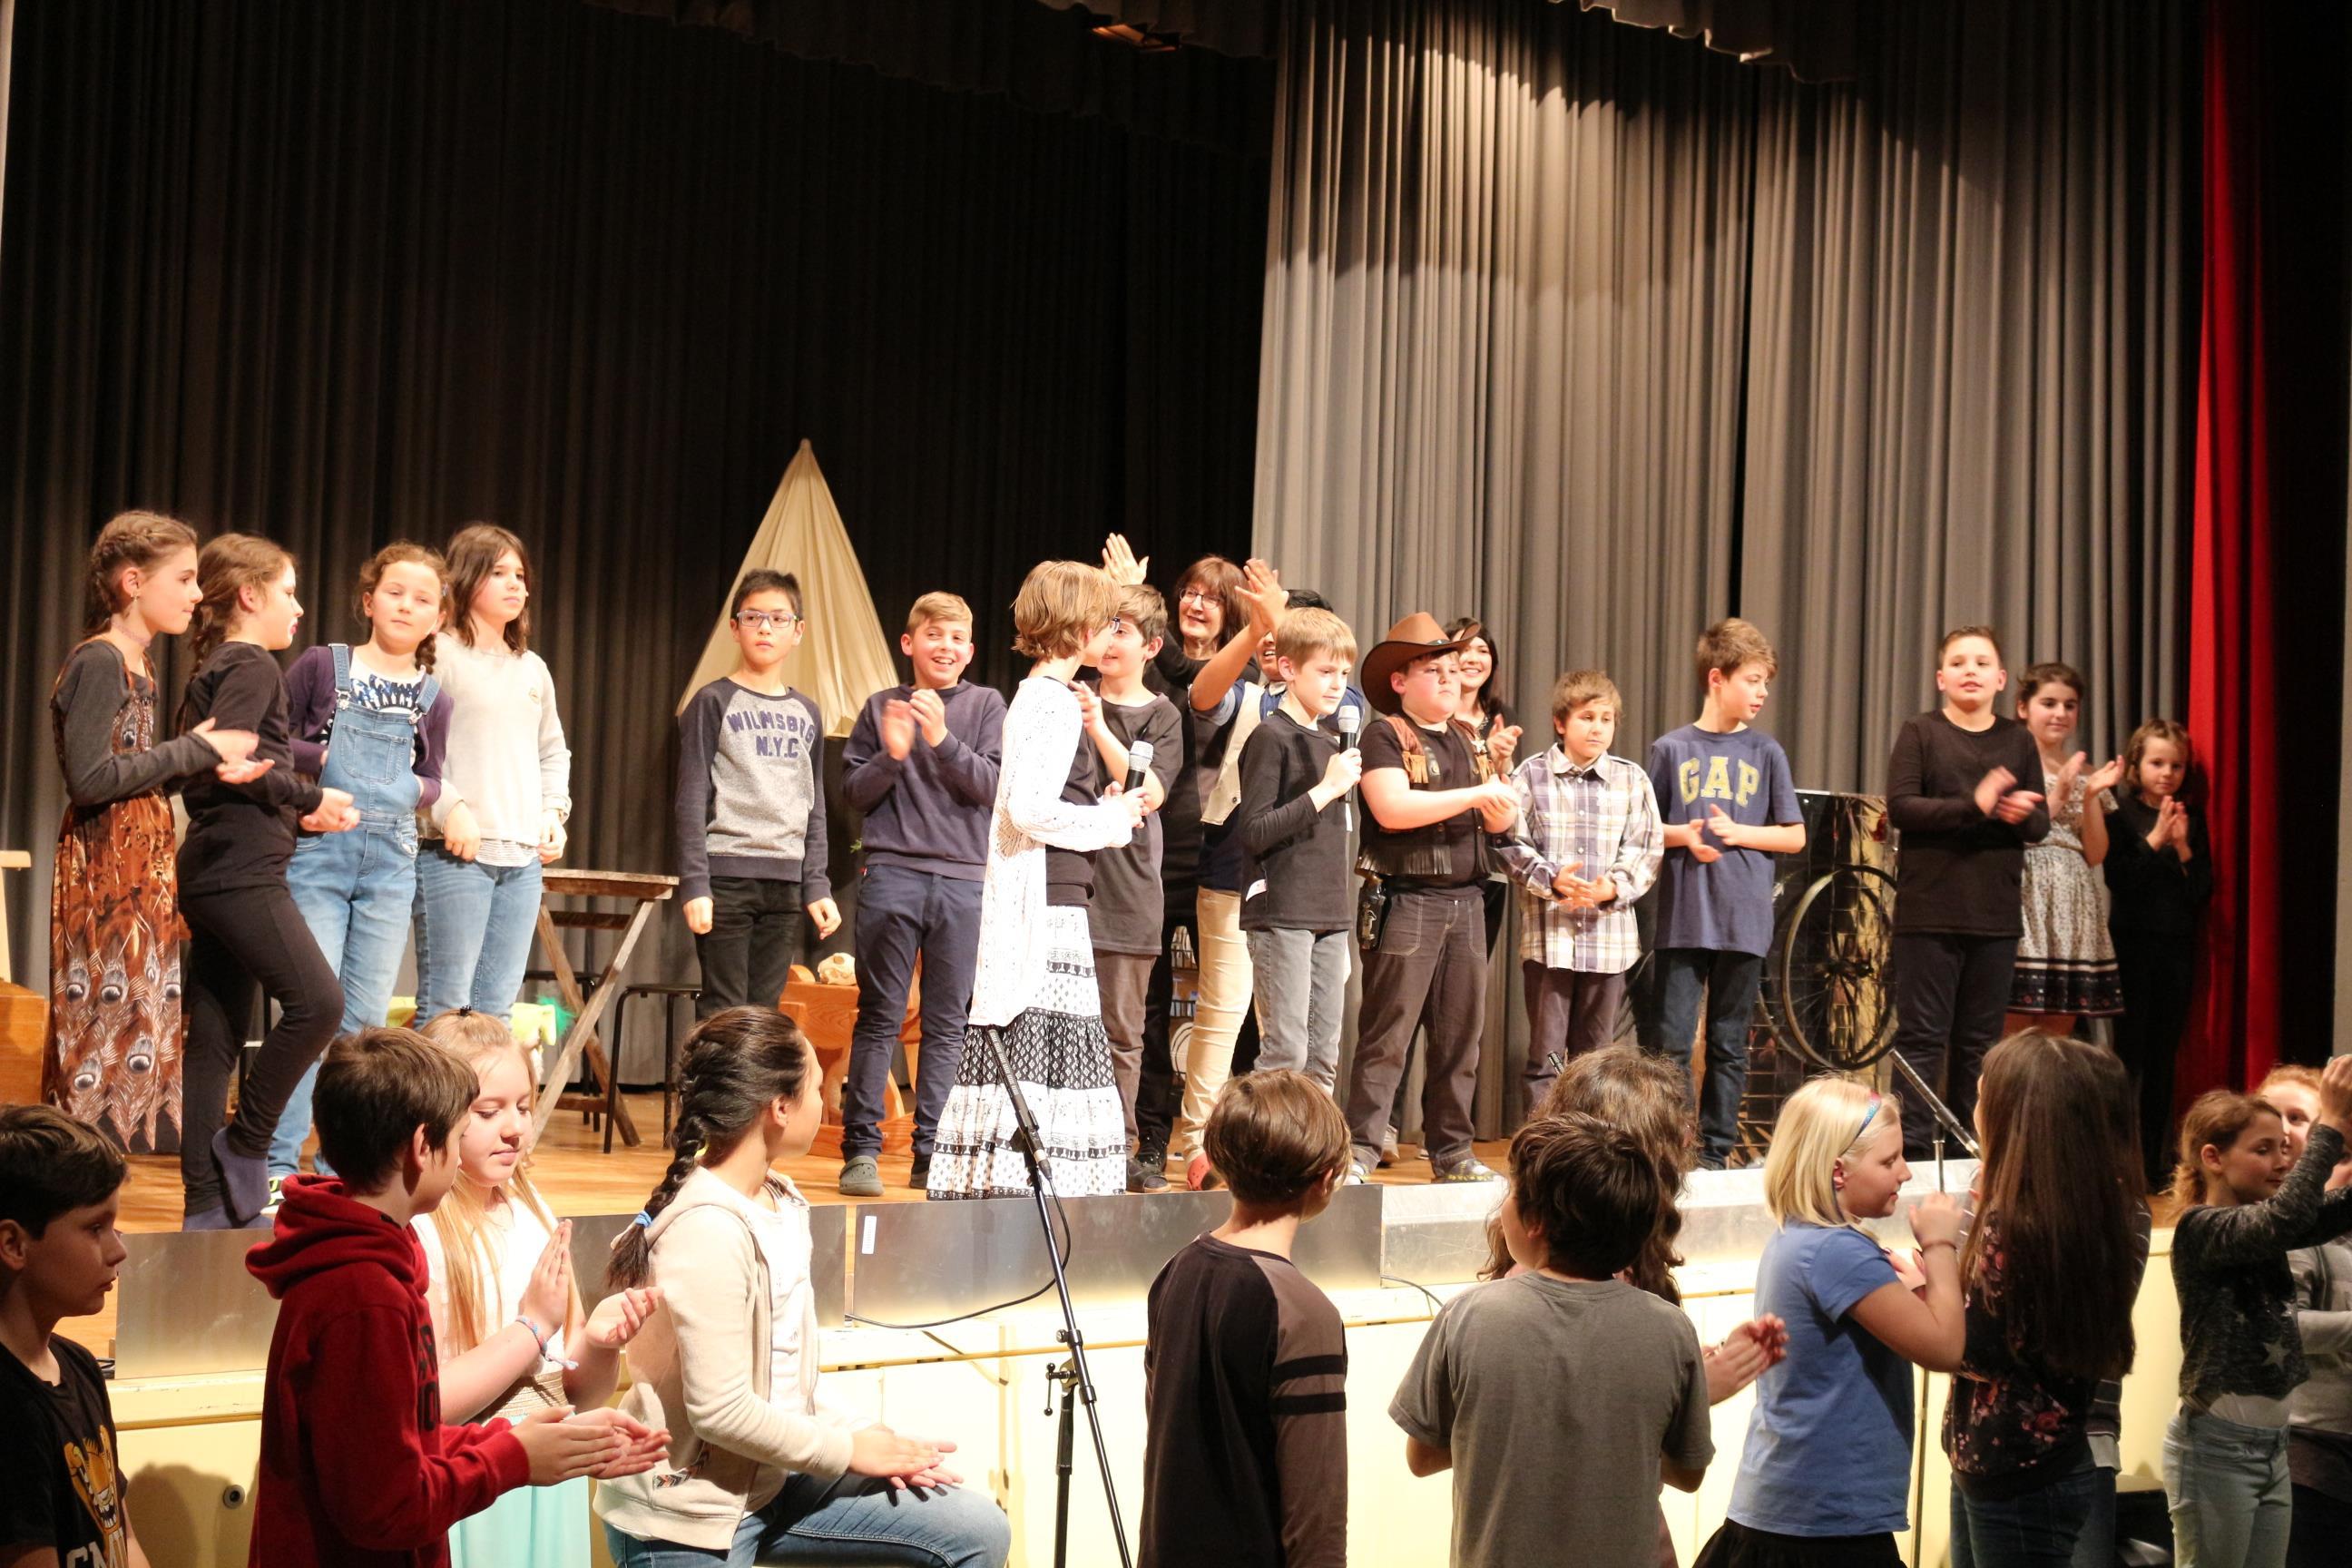 http://primarschule-steinmaur.ch/wp-content/uploads/2018/03/IMG_8246-Copy.jpg